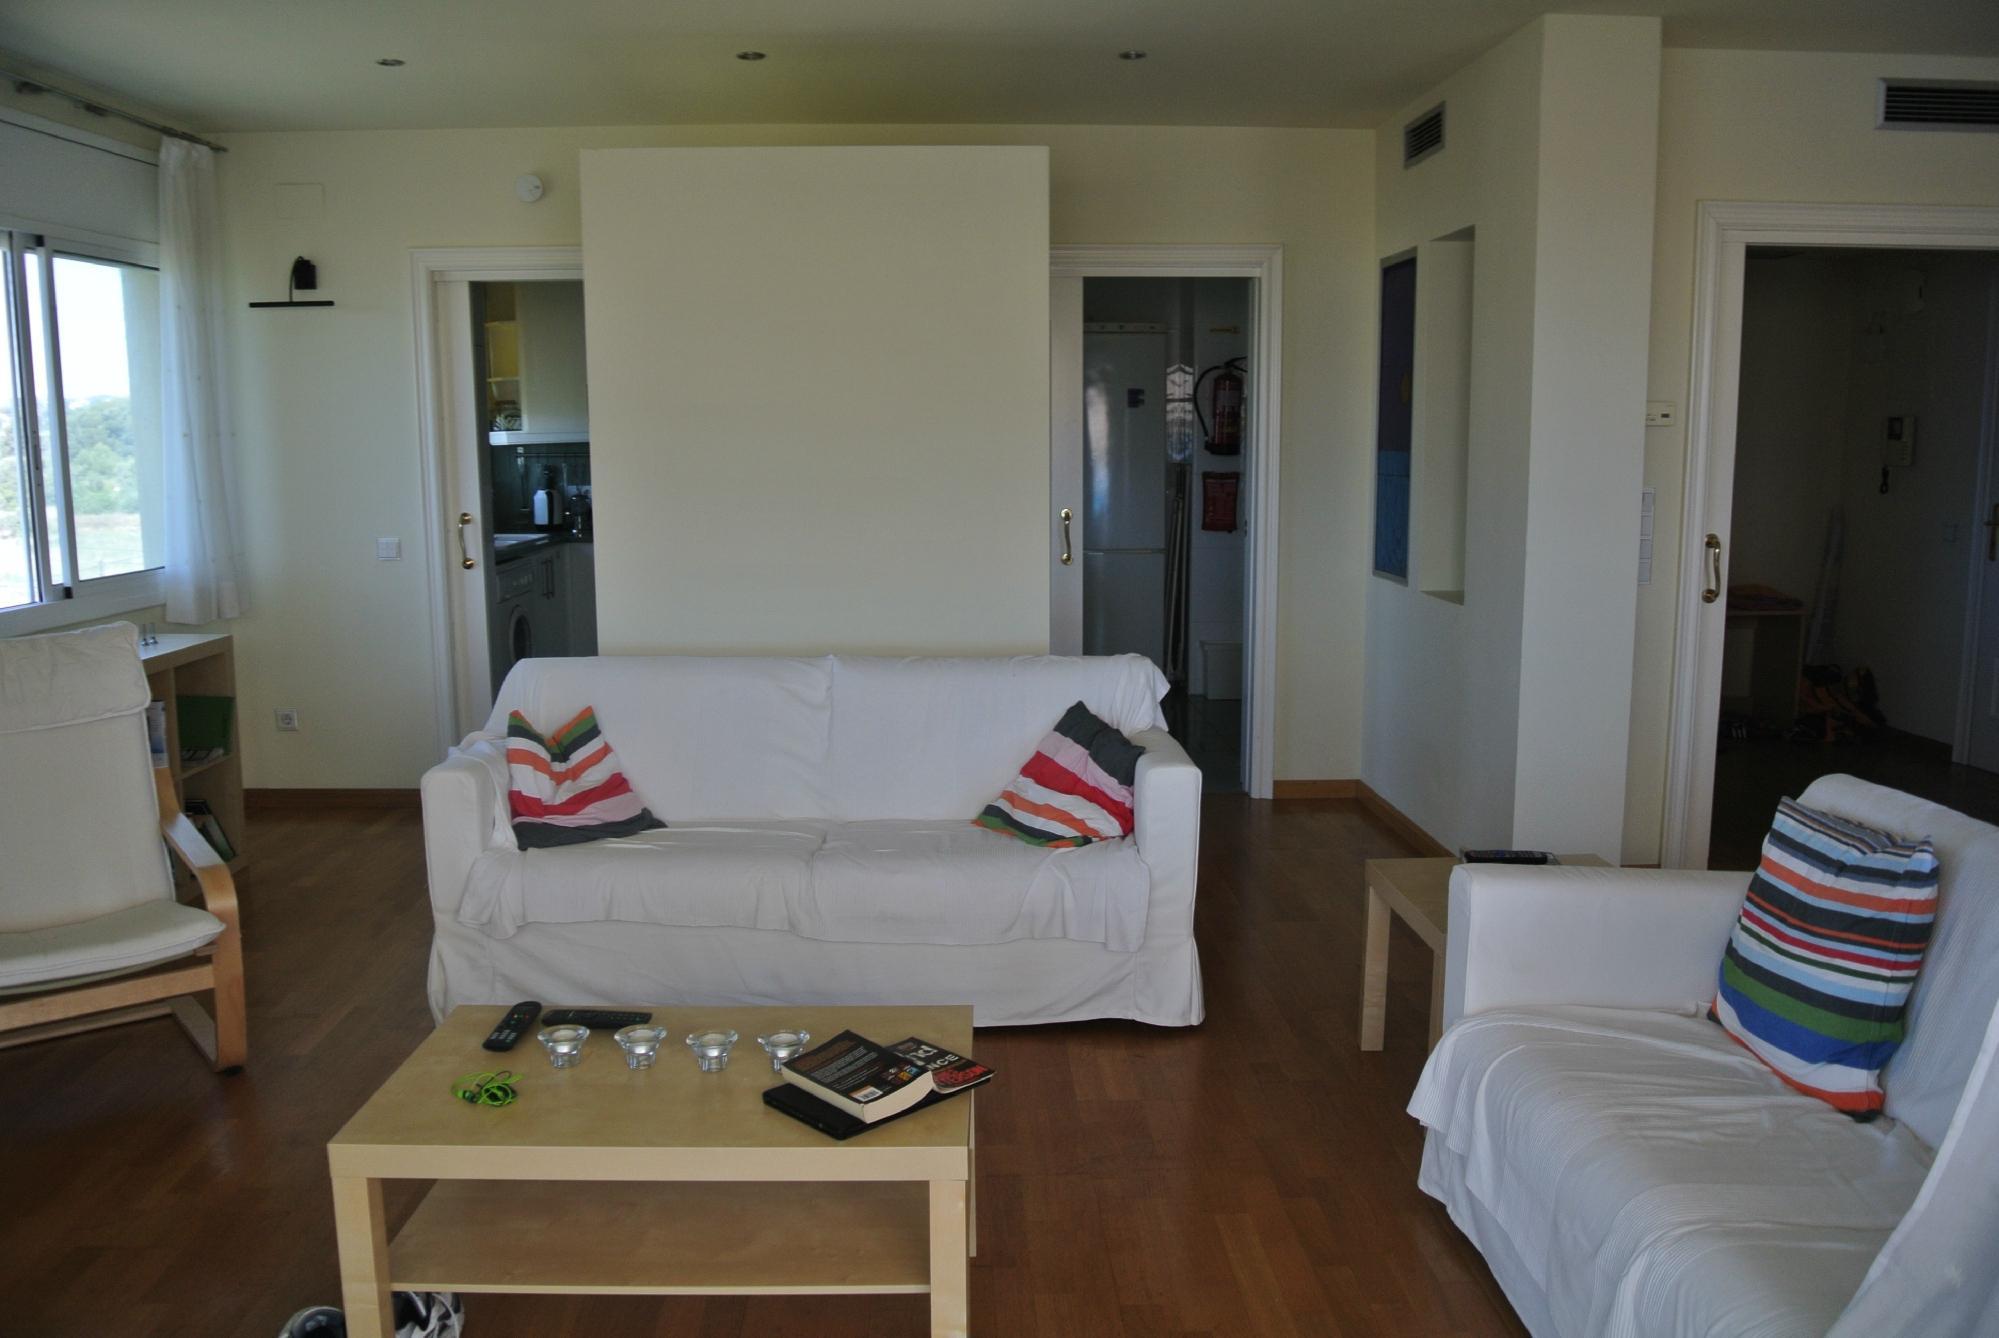 Vilanova Property Services